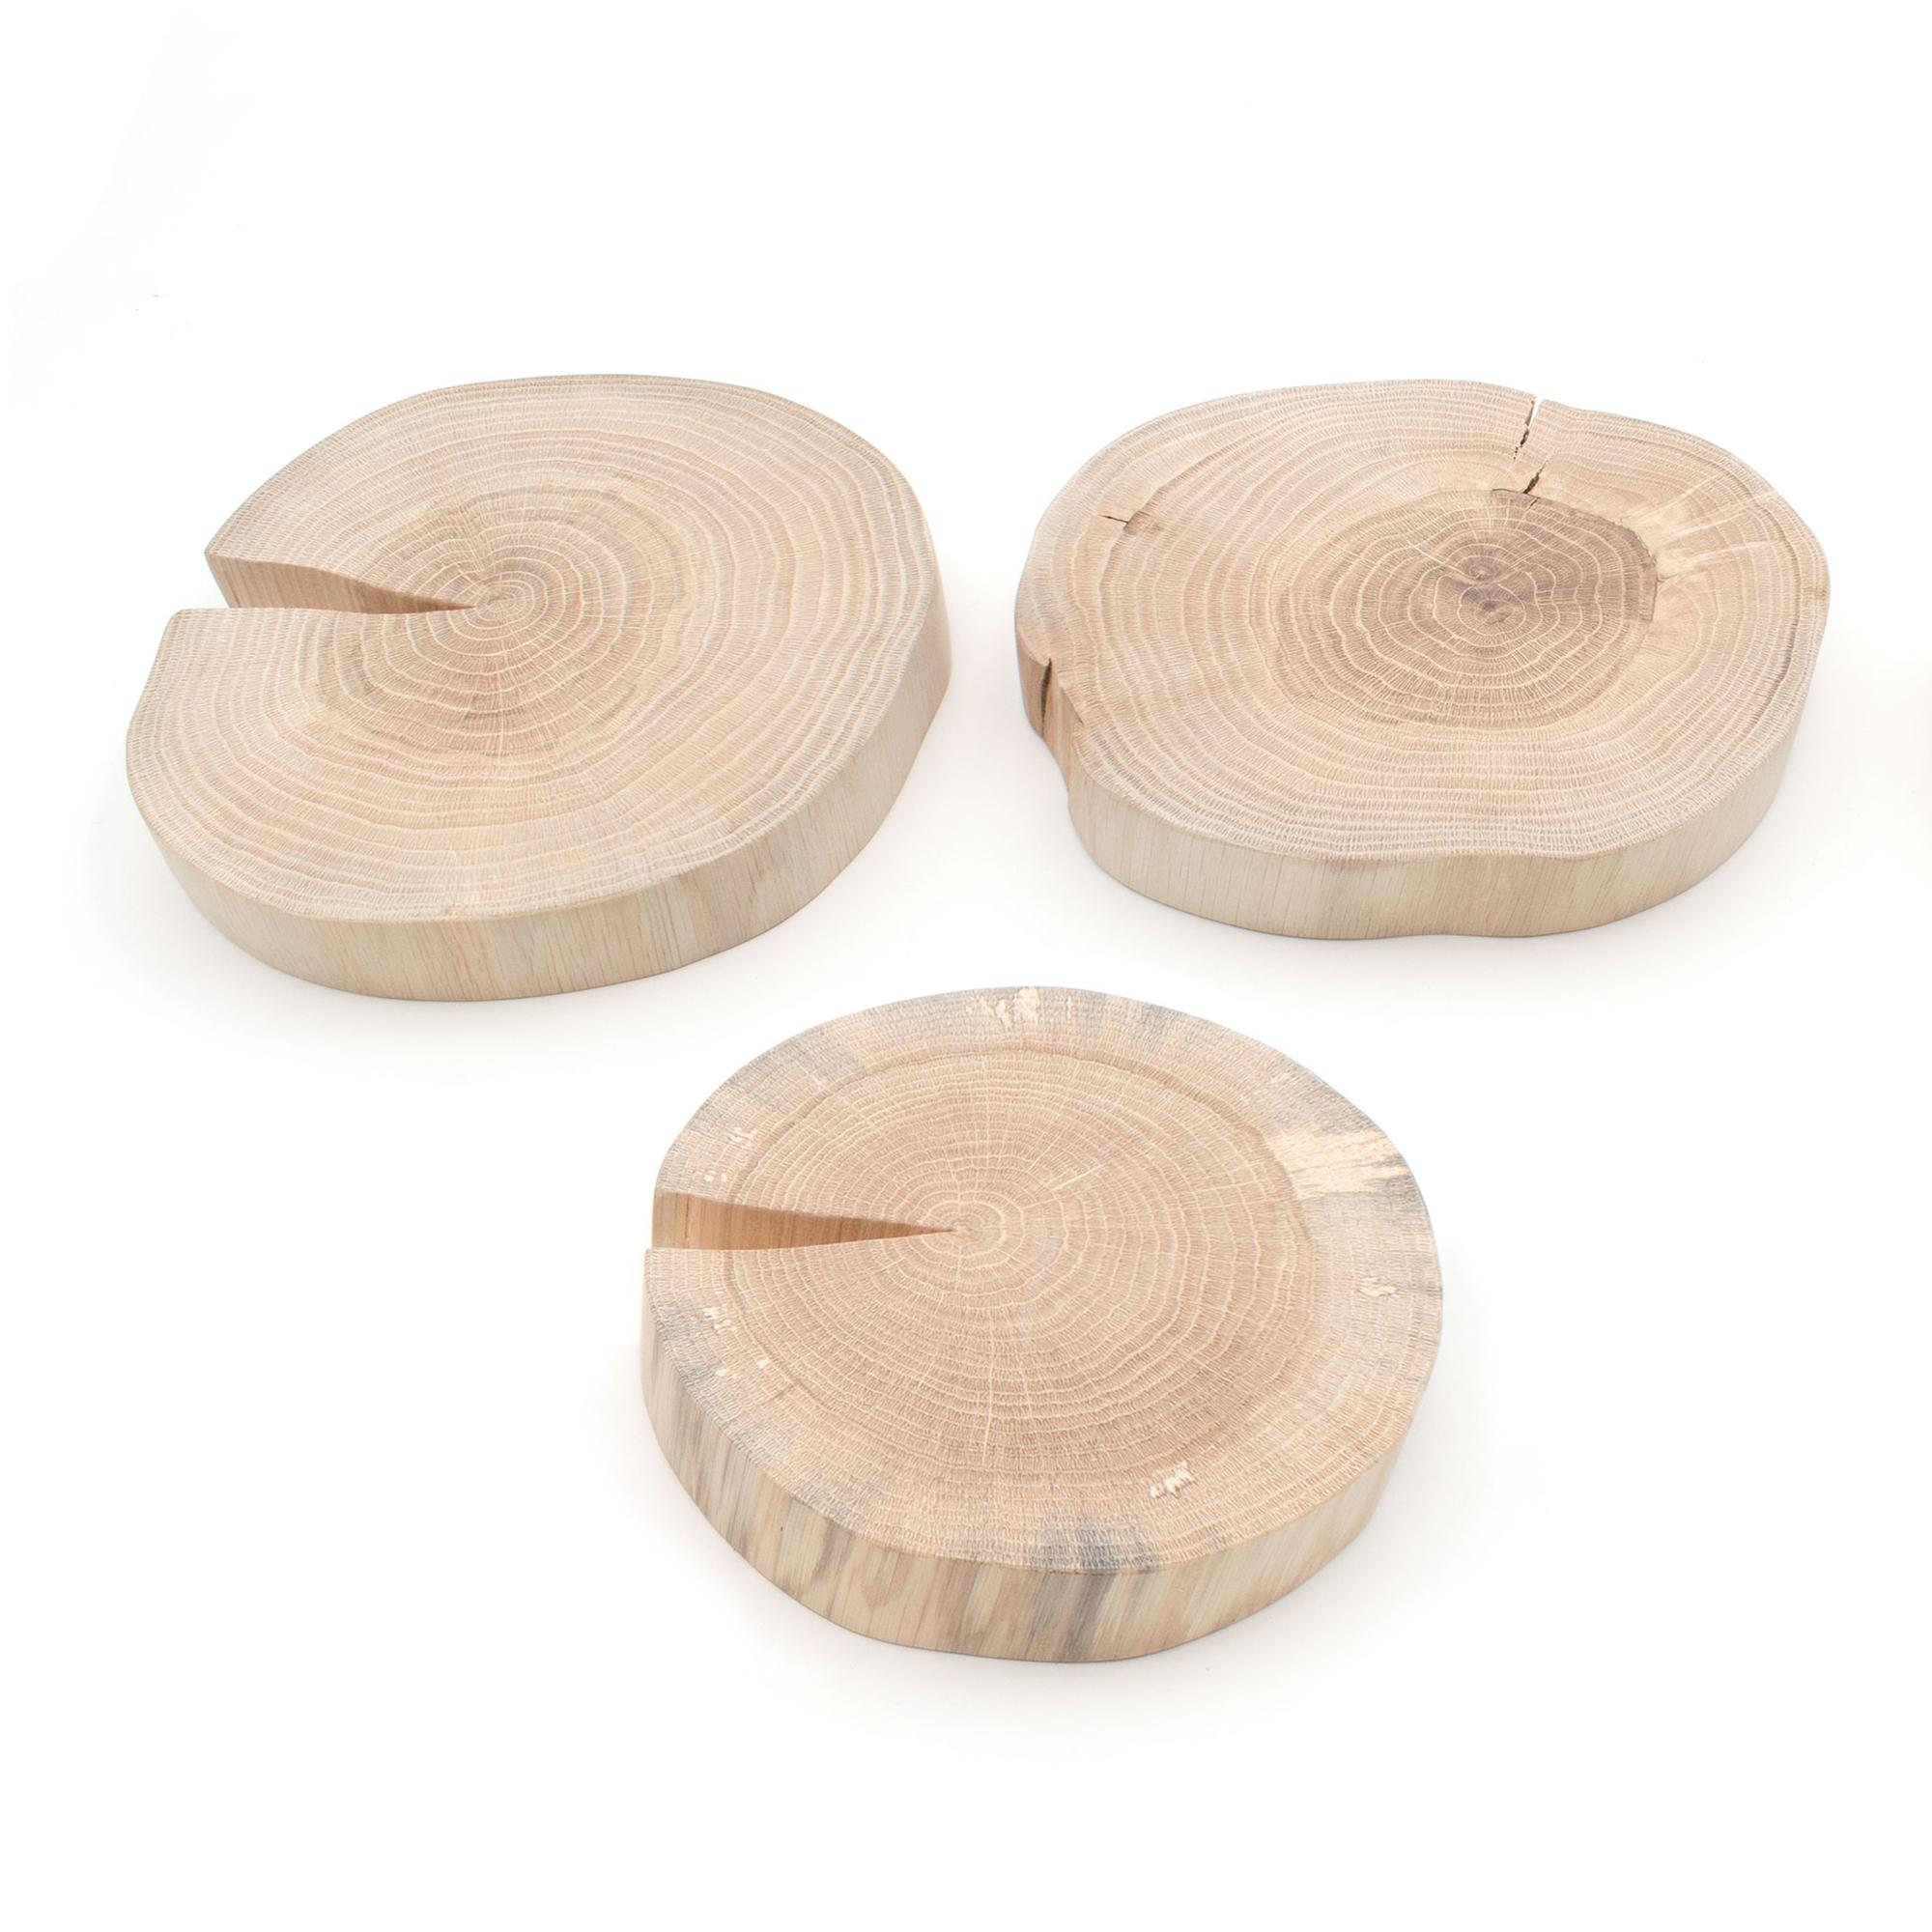 Drei Baumscheiben zur Auswahl aus Eiche-Holz ohne Rinde, liegend